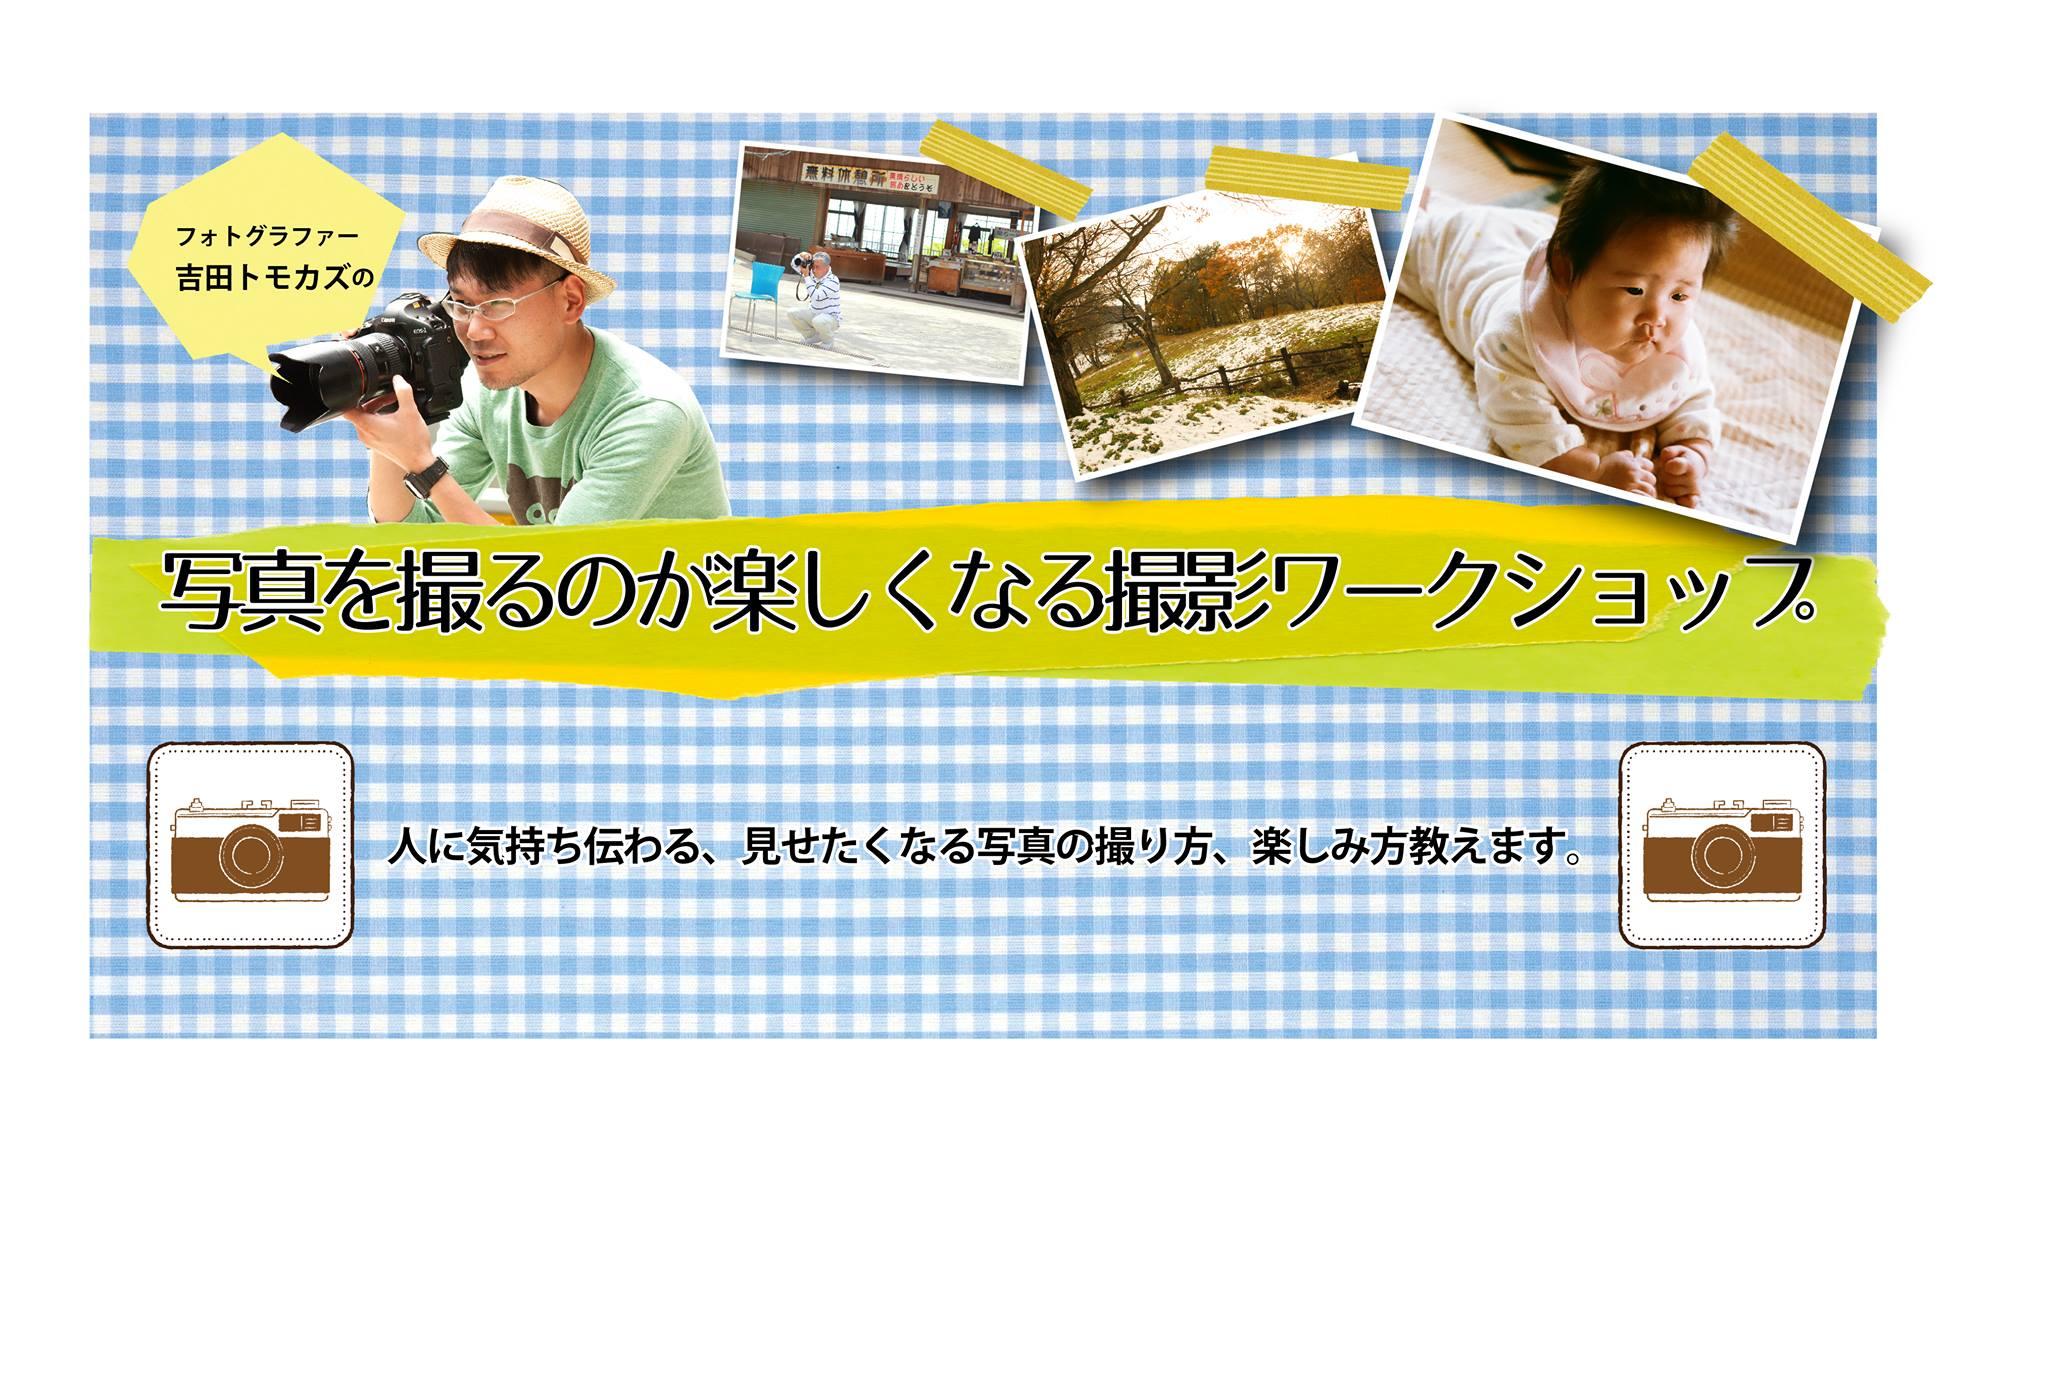 吉田トモカズ 撮影ワークショップ開催_c0168985_22042326.jpg